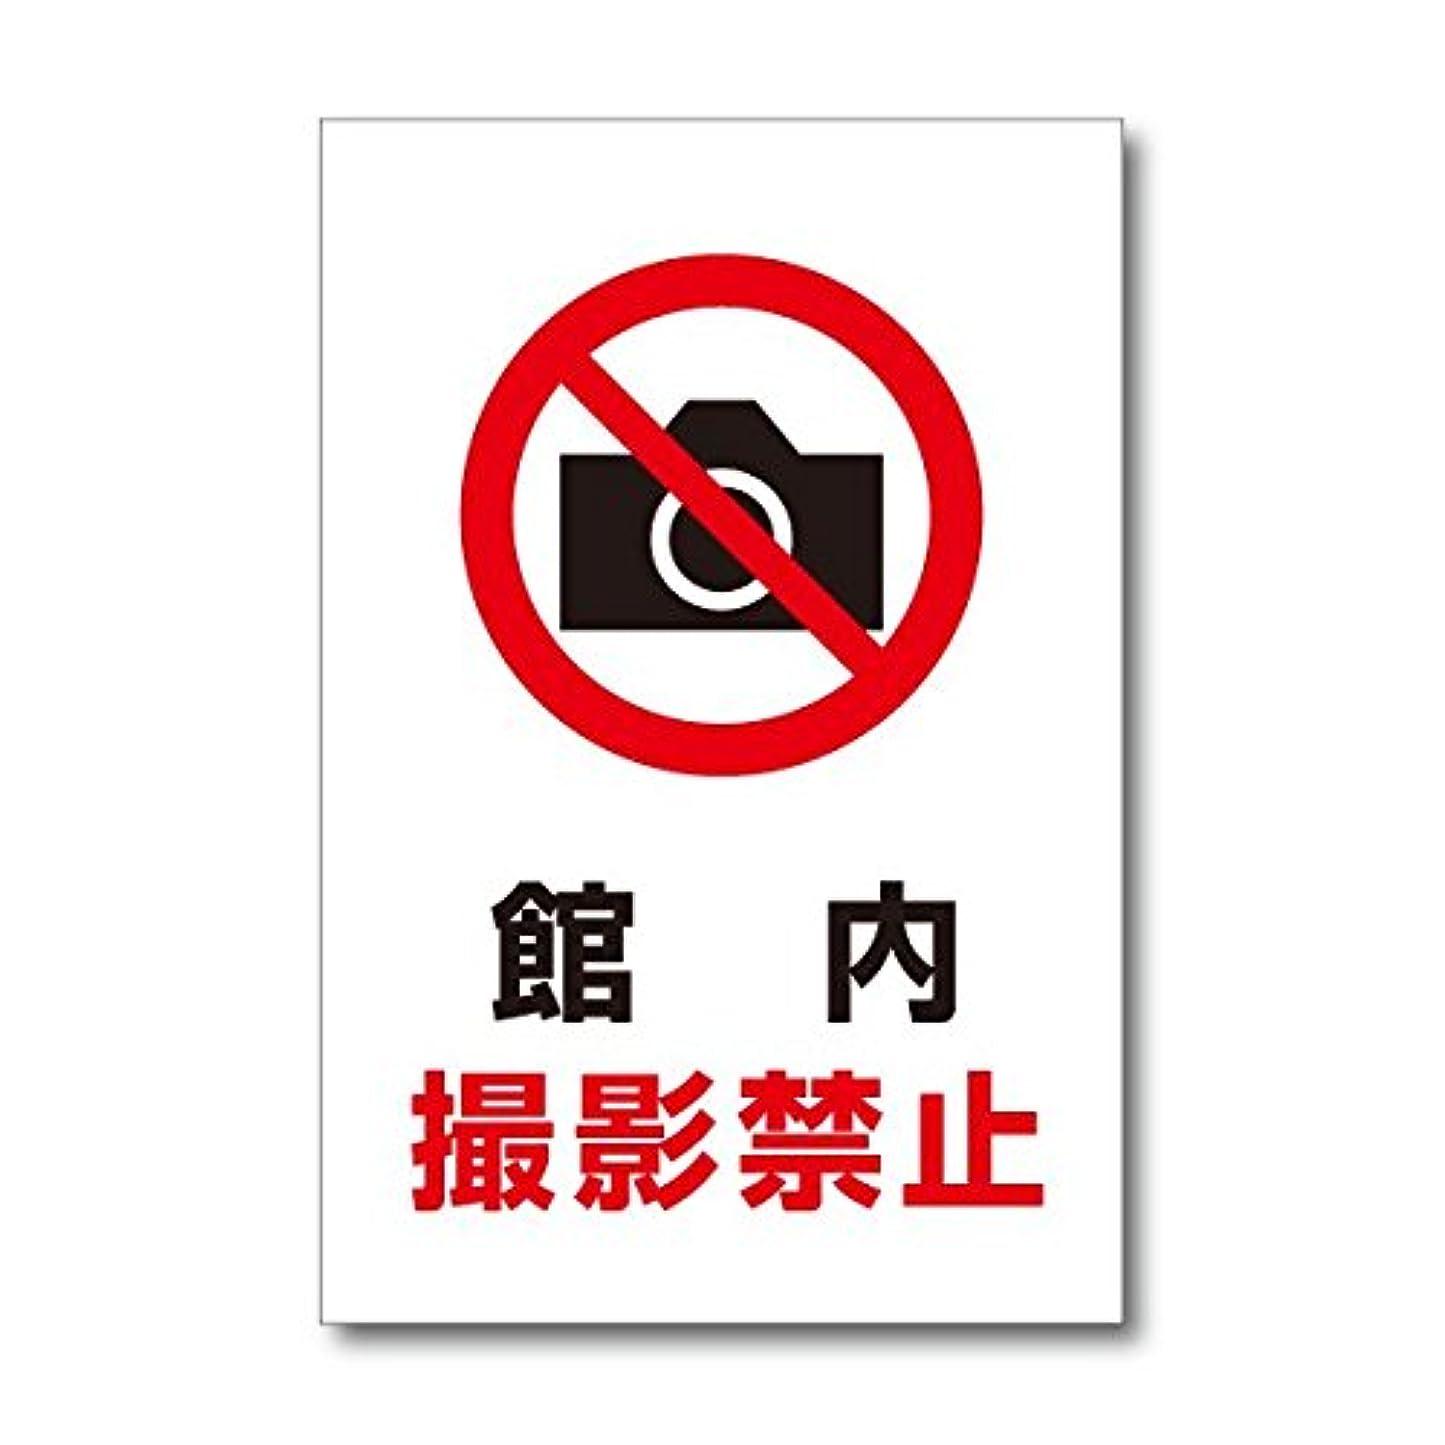 助言するスナップアリーナ館内撮影禁止 プレート 撮影フラッシュの注意標識 20×30cm 塩ビ板 WE-F002